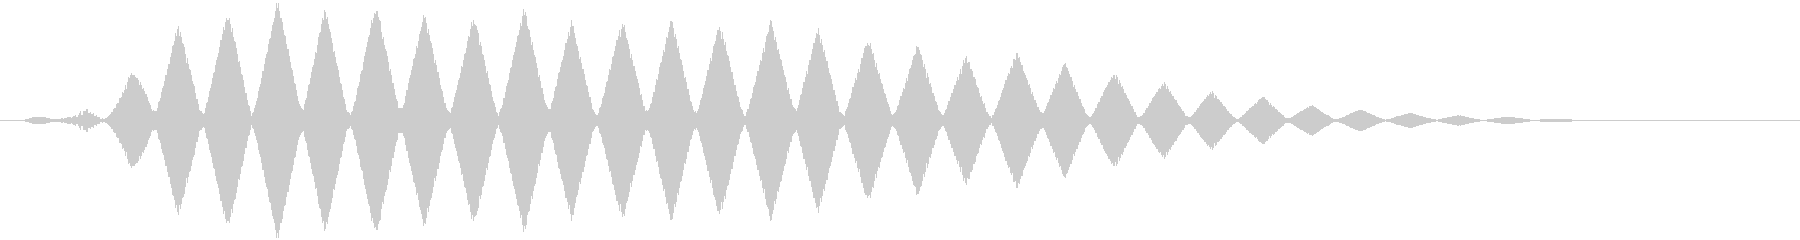 フクロウの鳴き声 フルルルルの未再生の波形